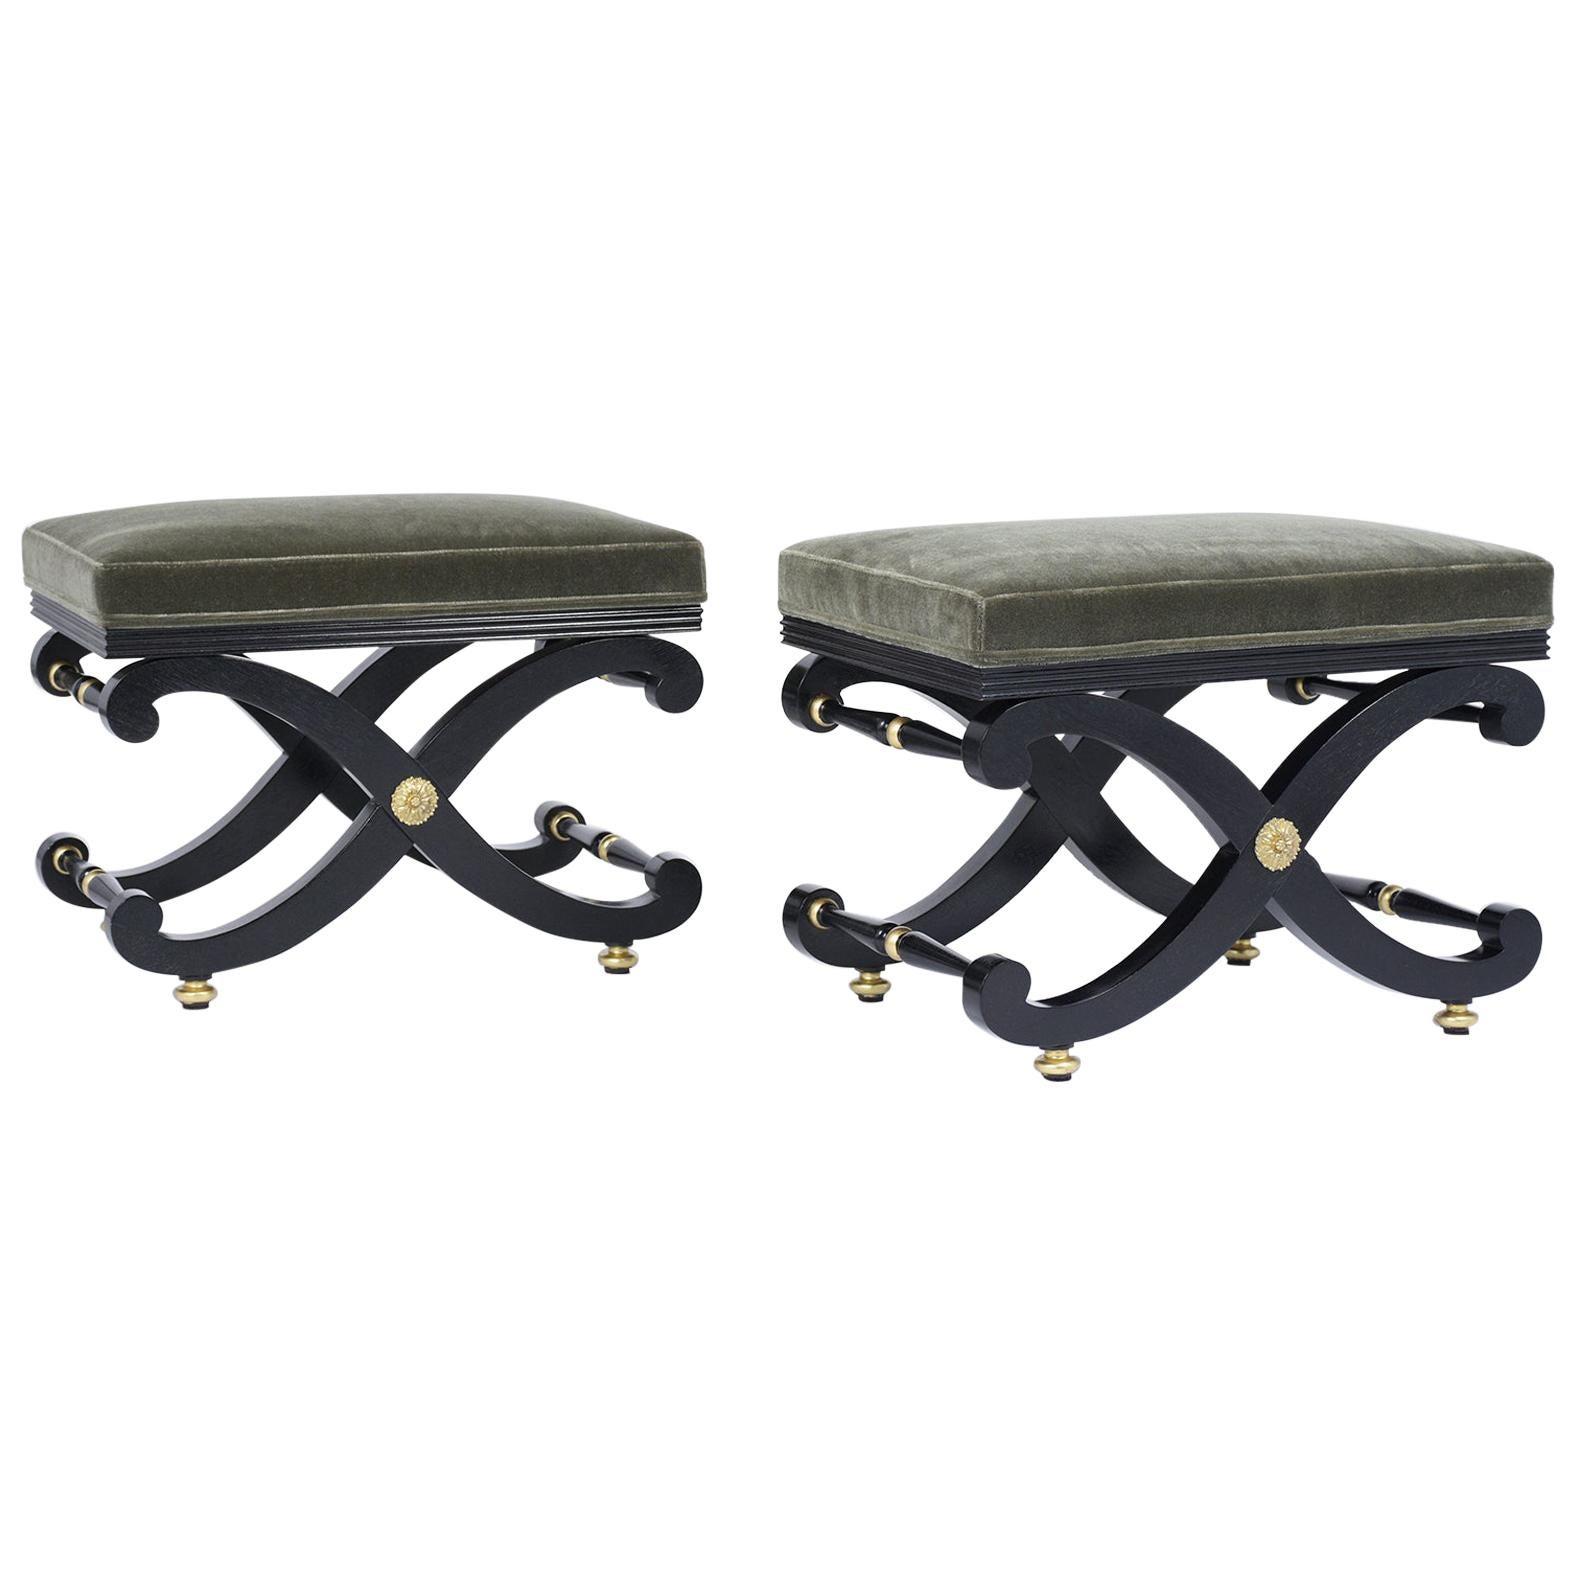 Pair of Elegant Benches